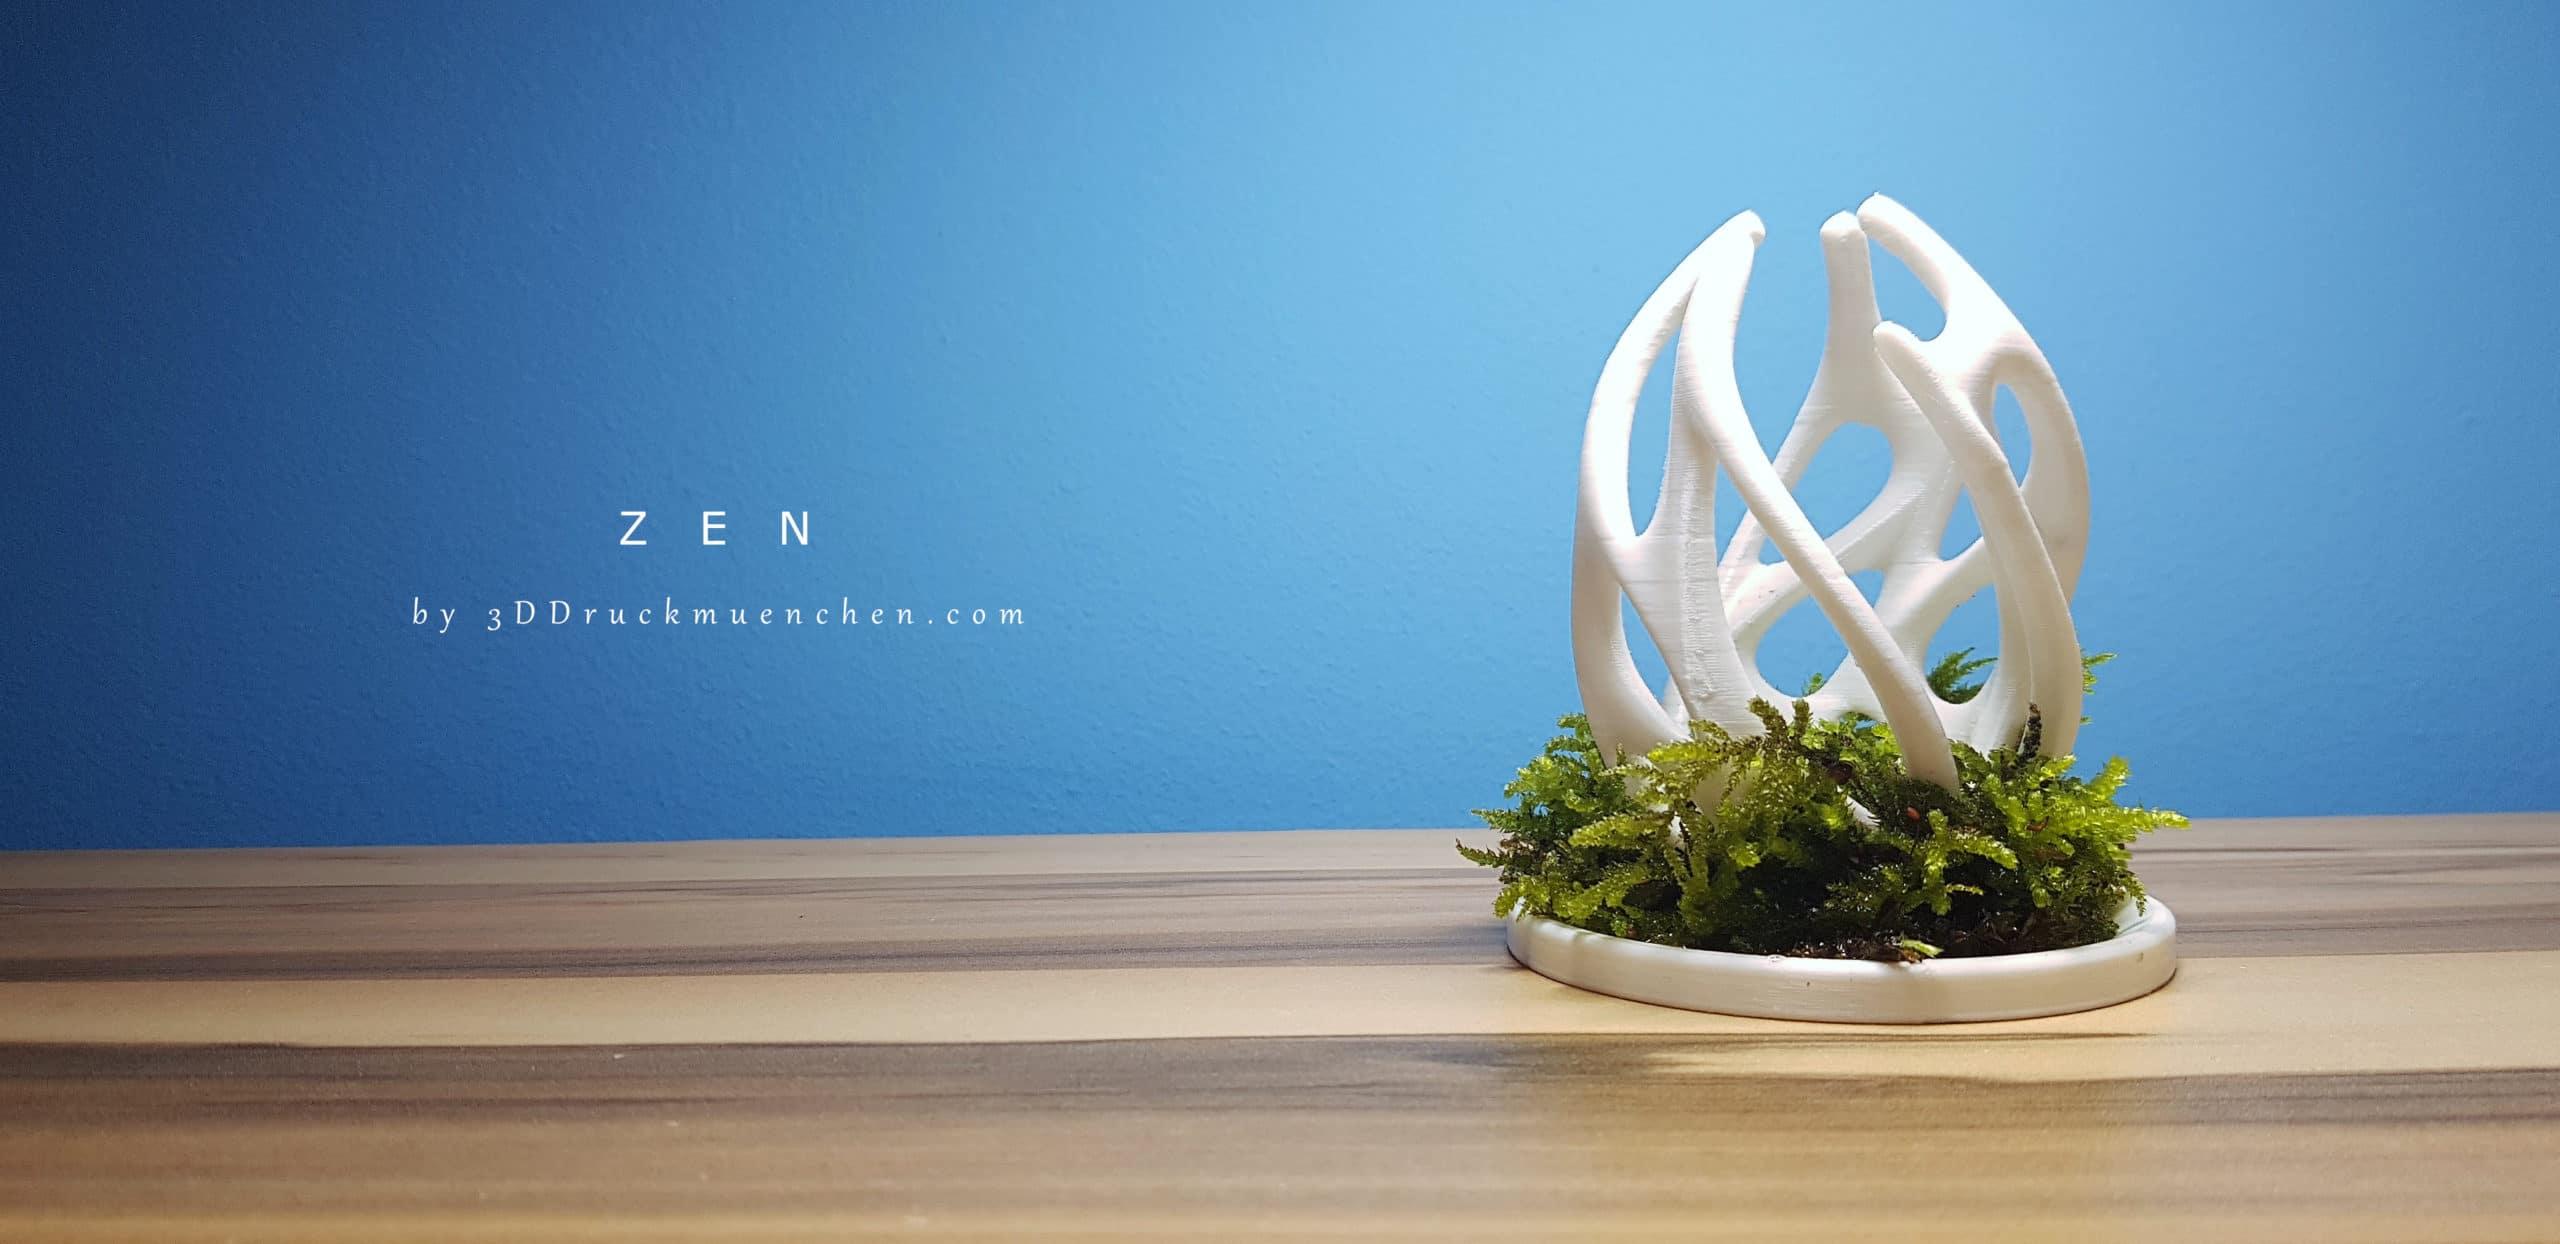 ZEN - organische 3D-Skulptur in Moos eingebettet.